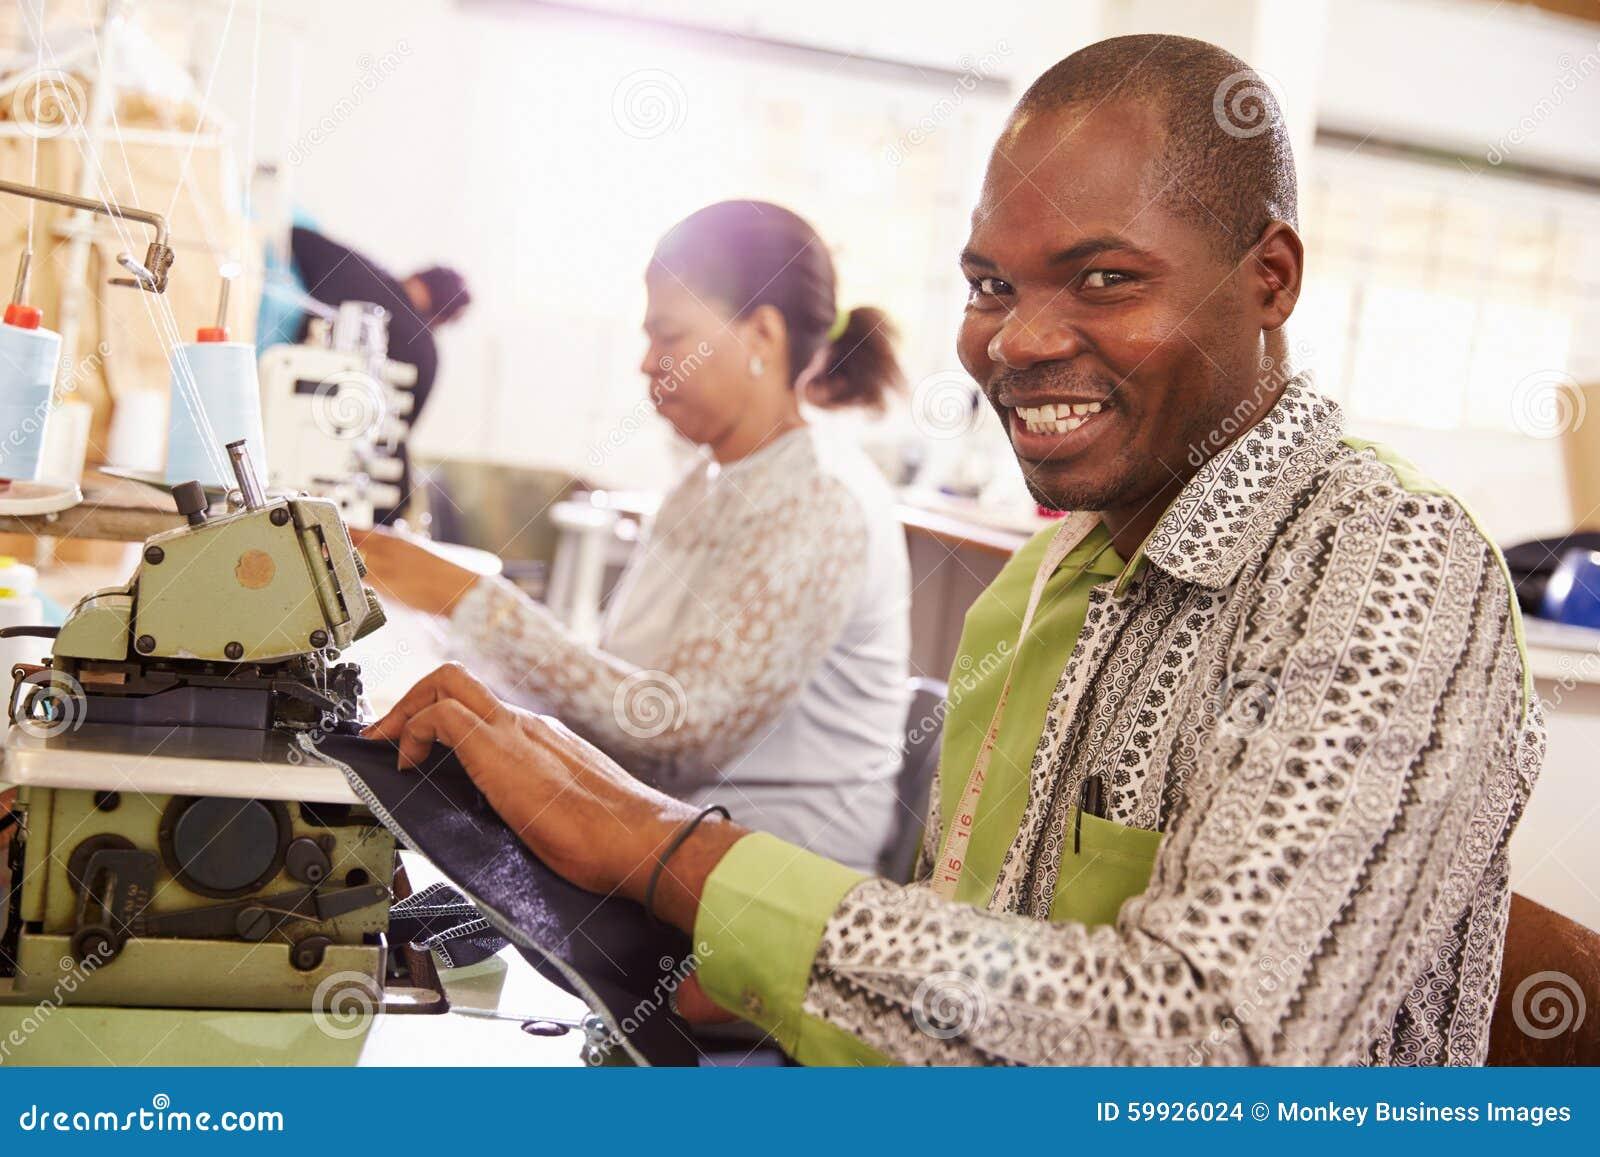 Uśmiechnięty mężczyzna szy przy społeczność warsztatem, Południowa Afryka